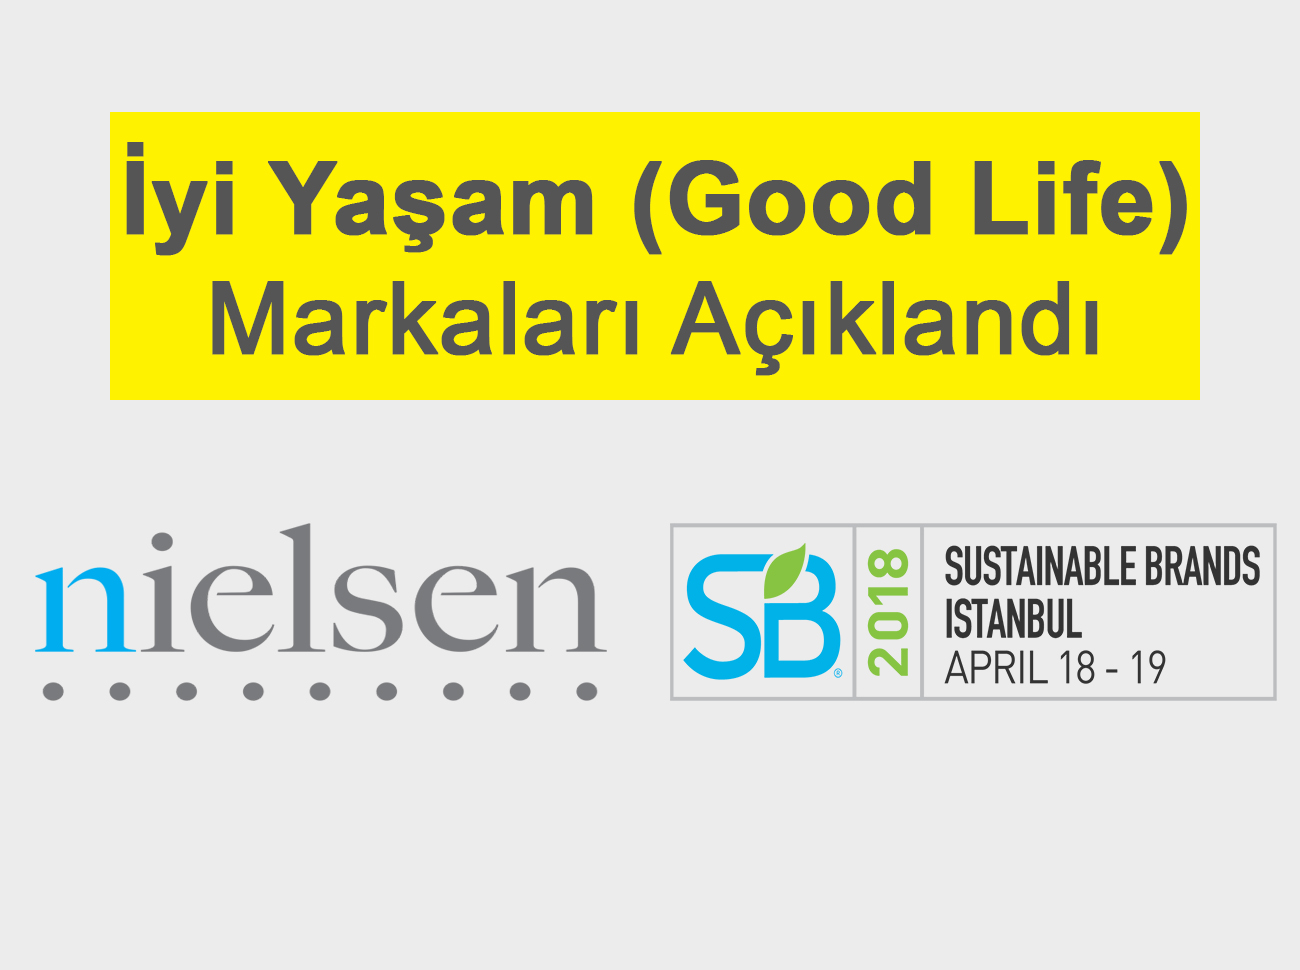 İyi Yaşam (Good Life) Markaları Açıklandı